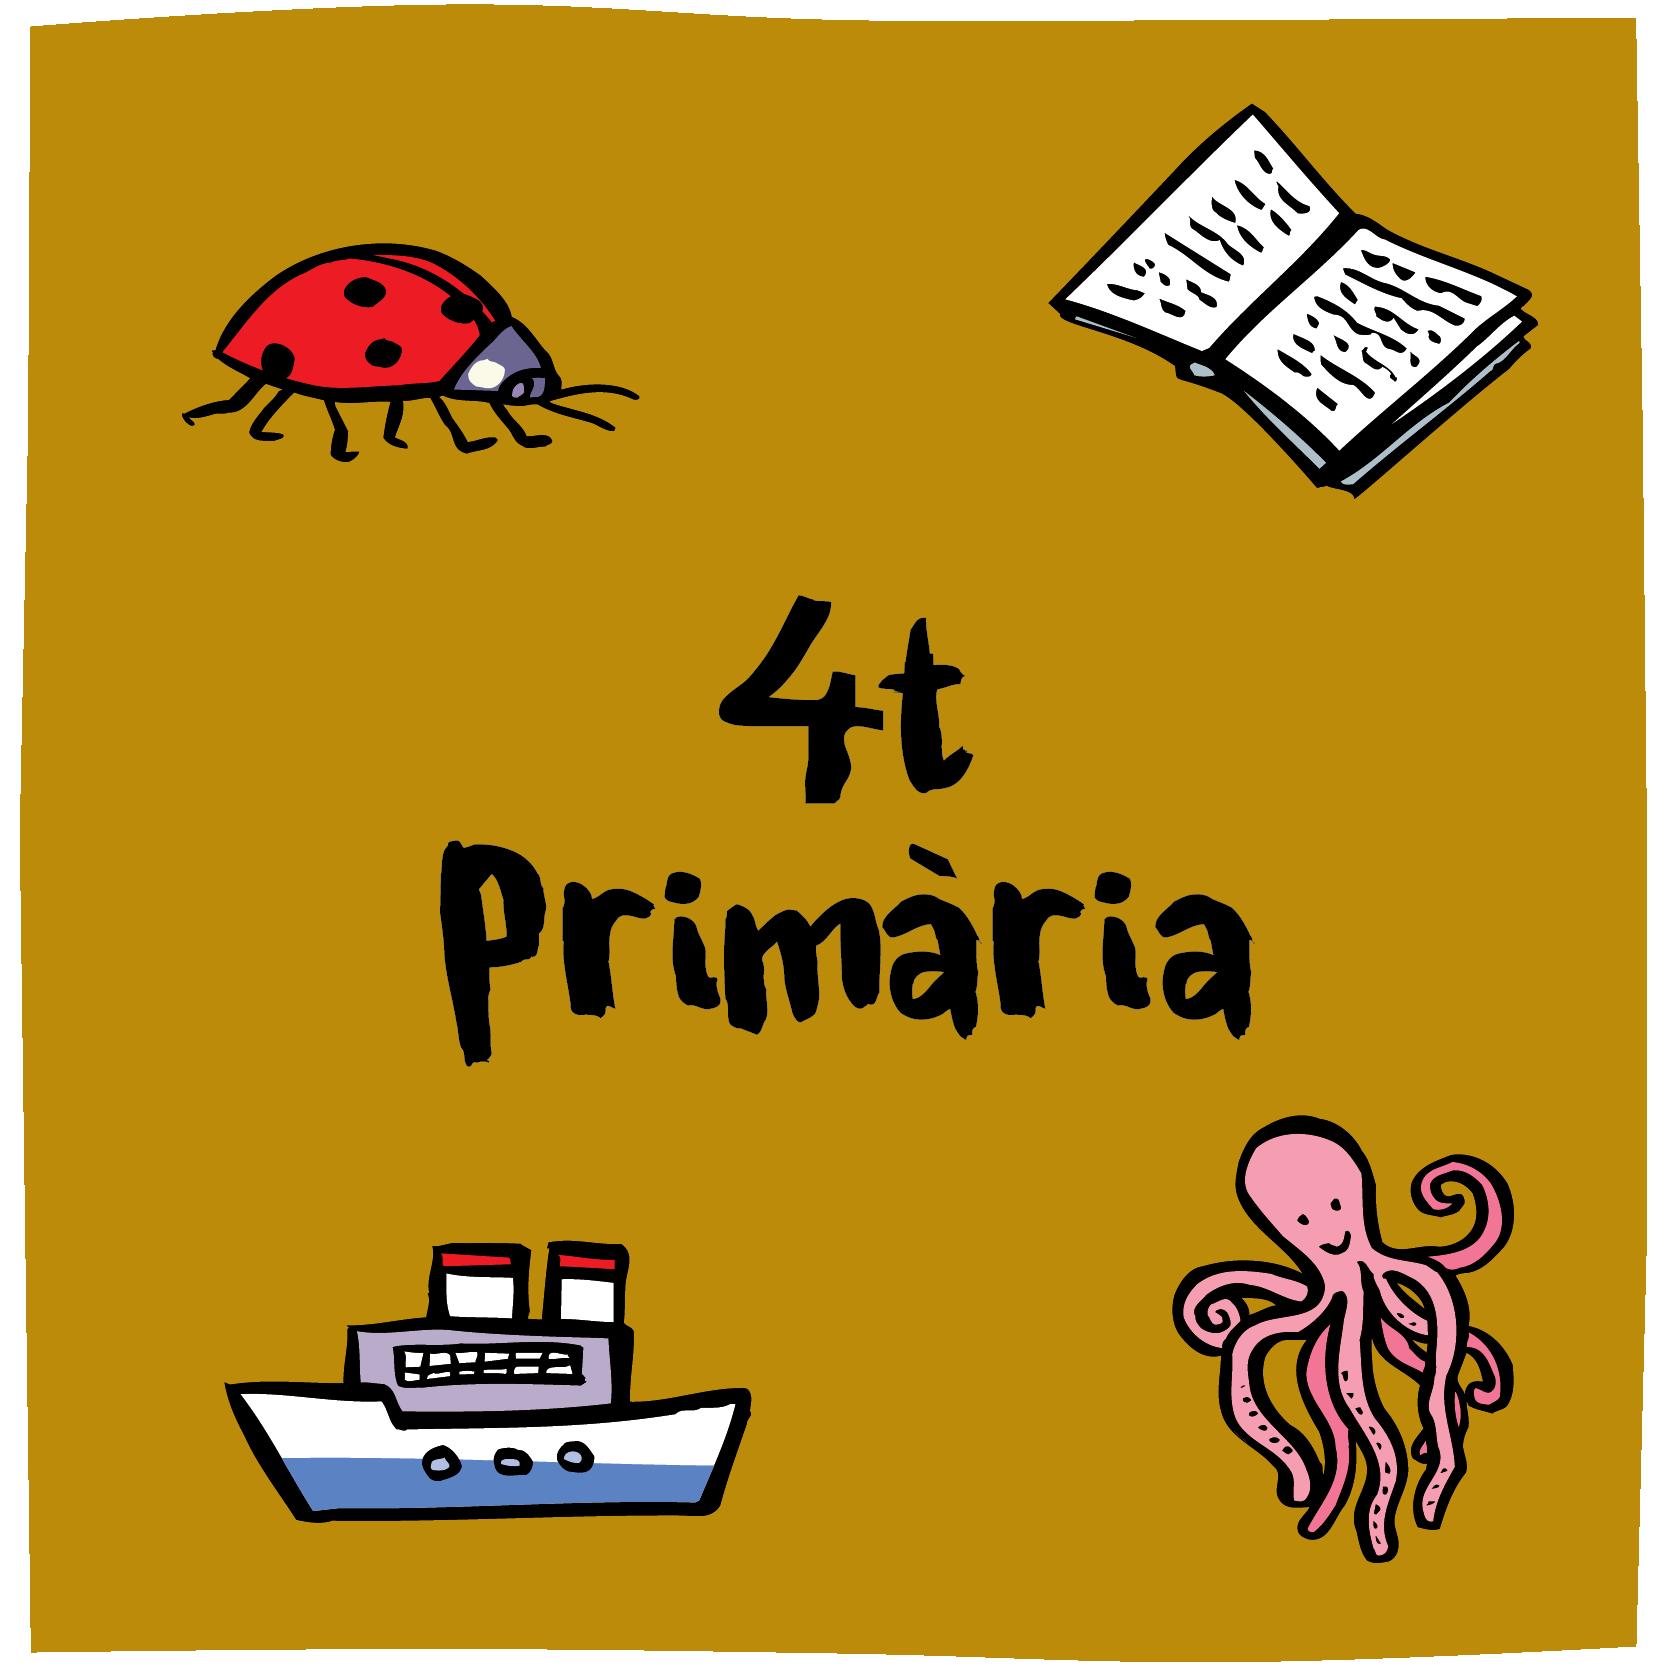 OBN 4t Primària